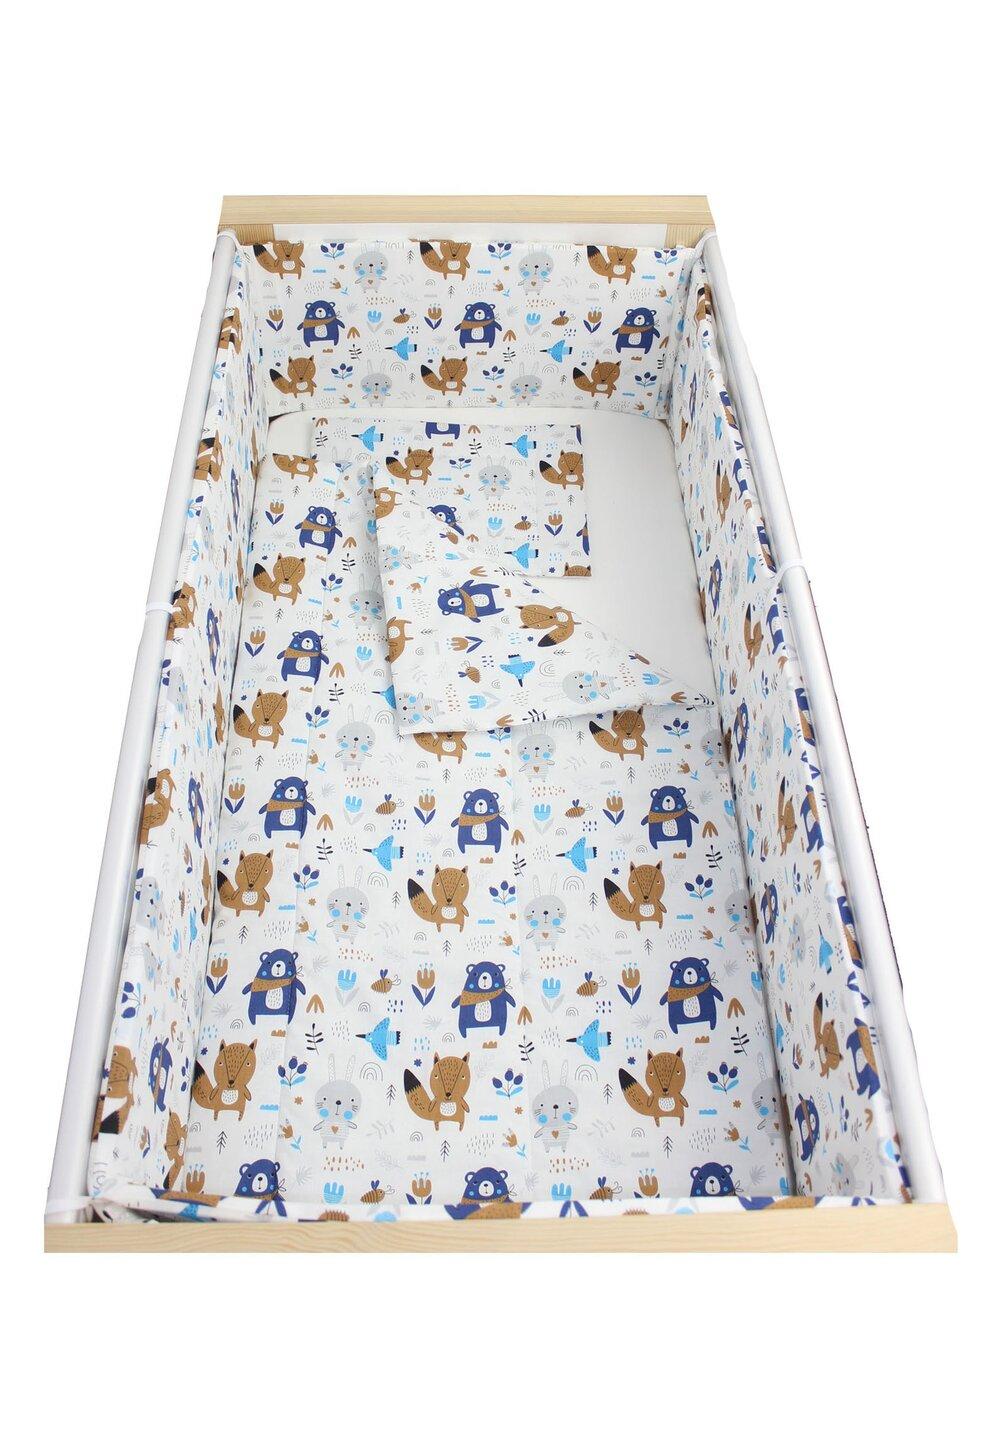 Lenjerie 5 piese, Ursuletul cu esarfa, albastru, 120x60cm imagine